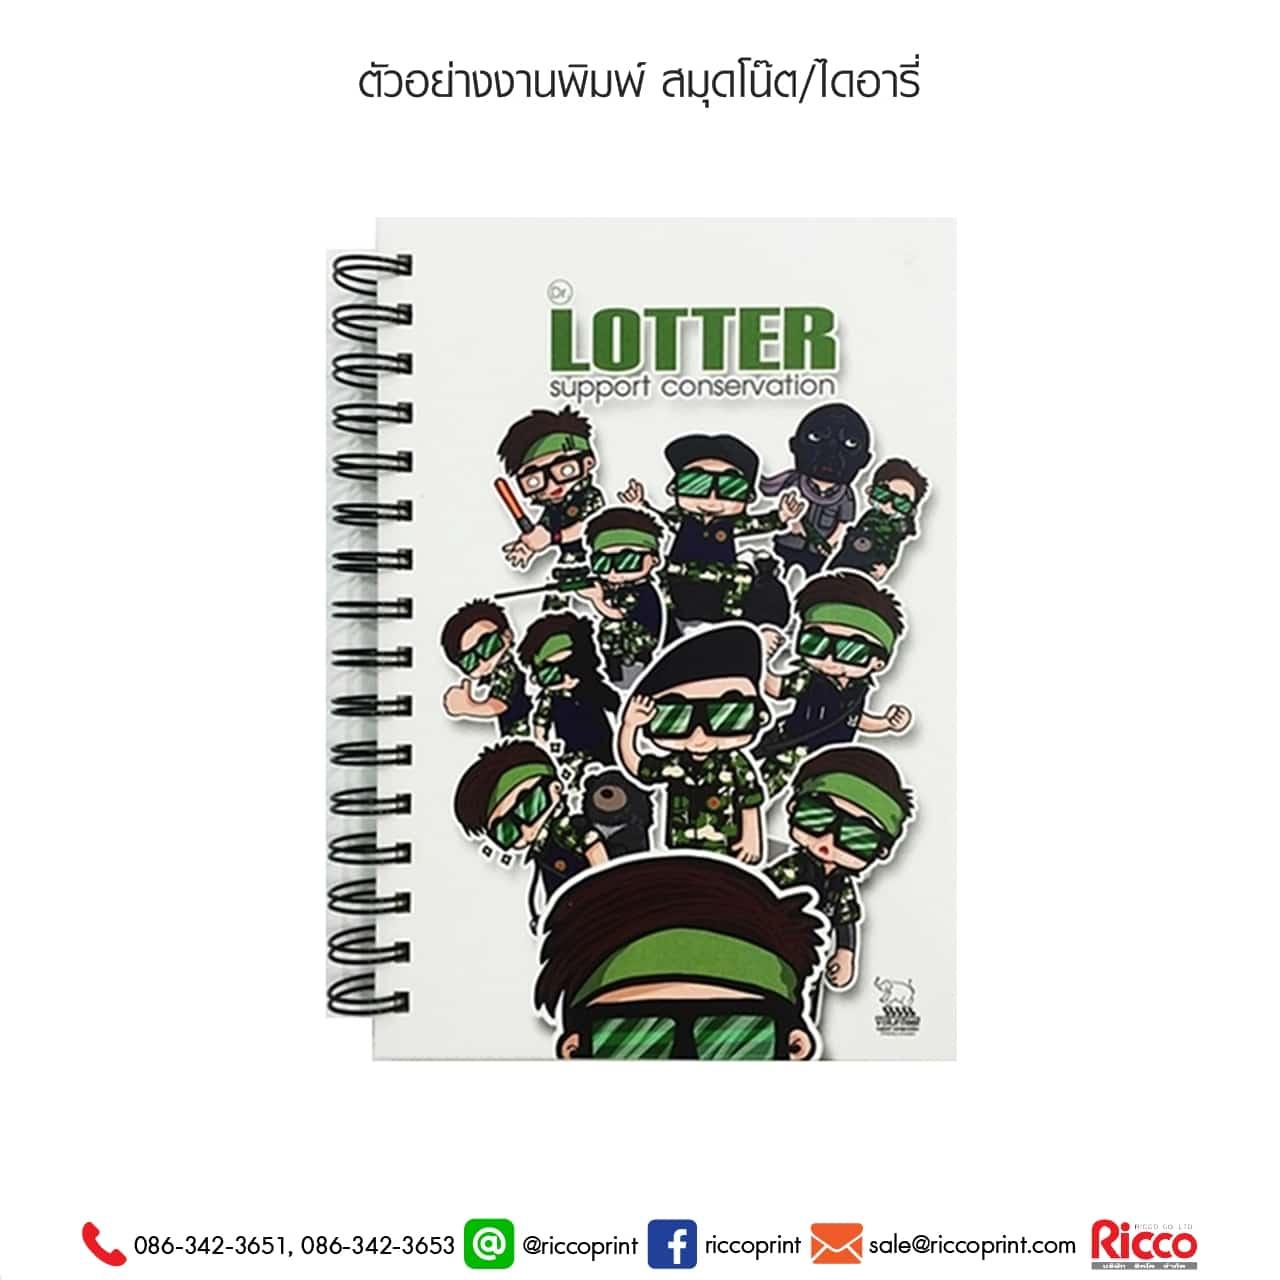 รูป Notebook Diary 06 - ประกอบเนื้อหา สมุดโน้ต ไดอารี่